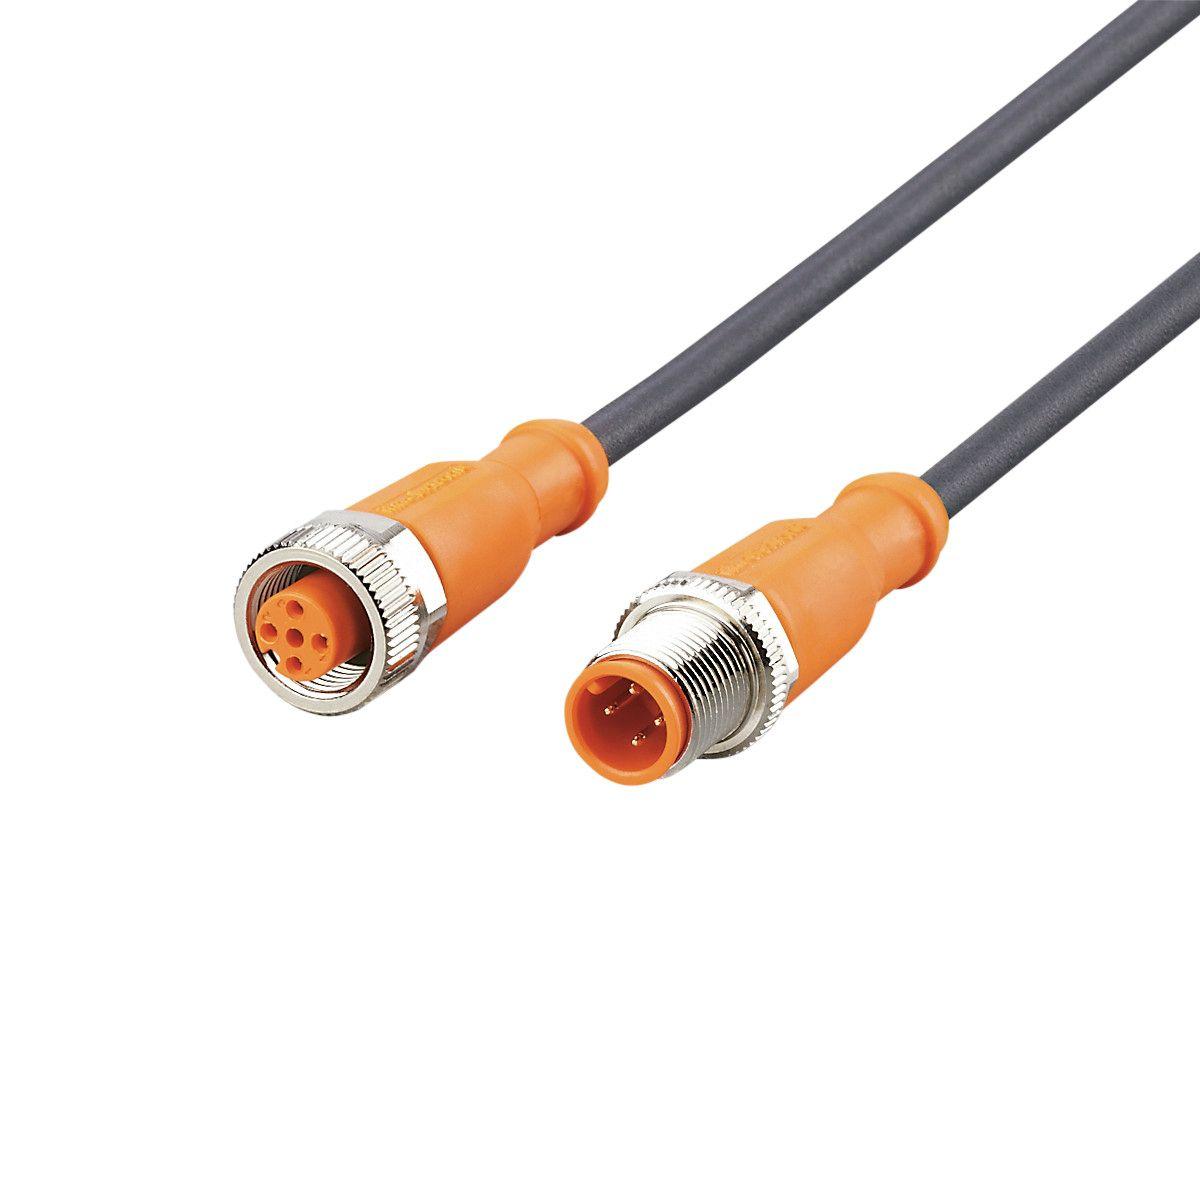 EVC013 - Verbindungskabel - ifm electronic